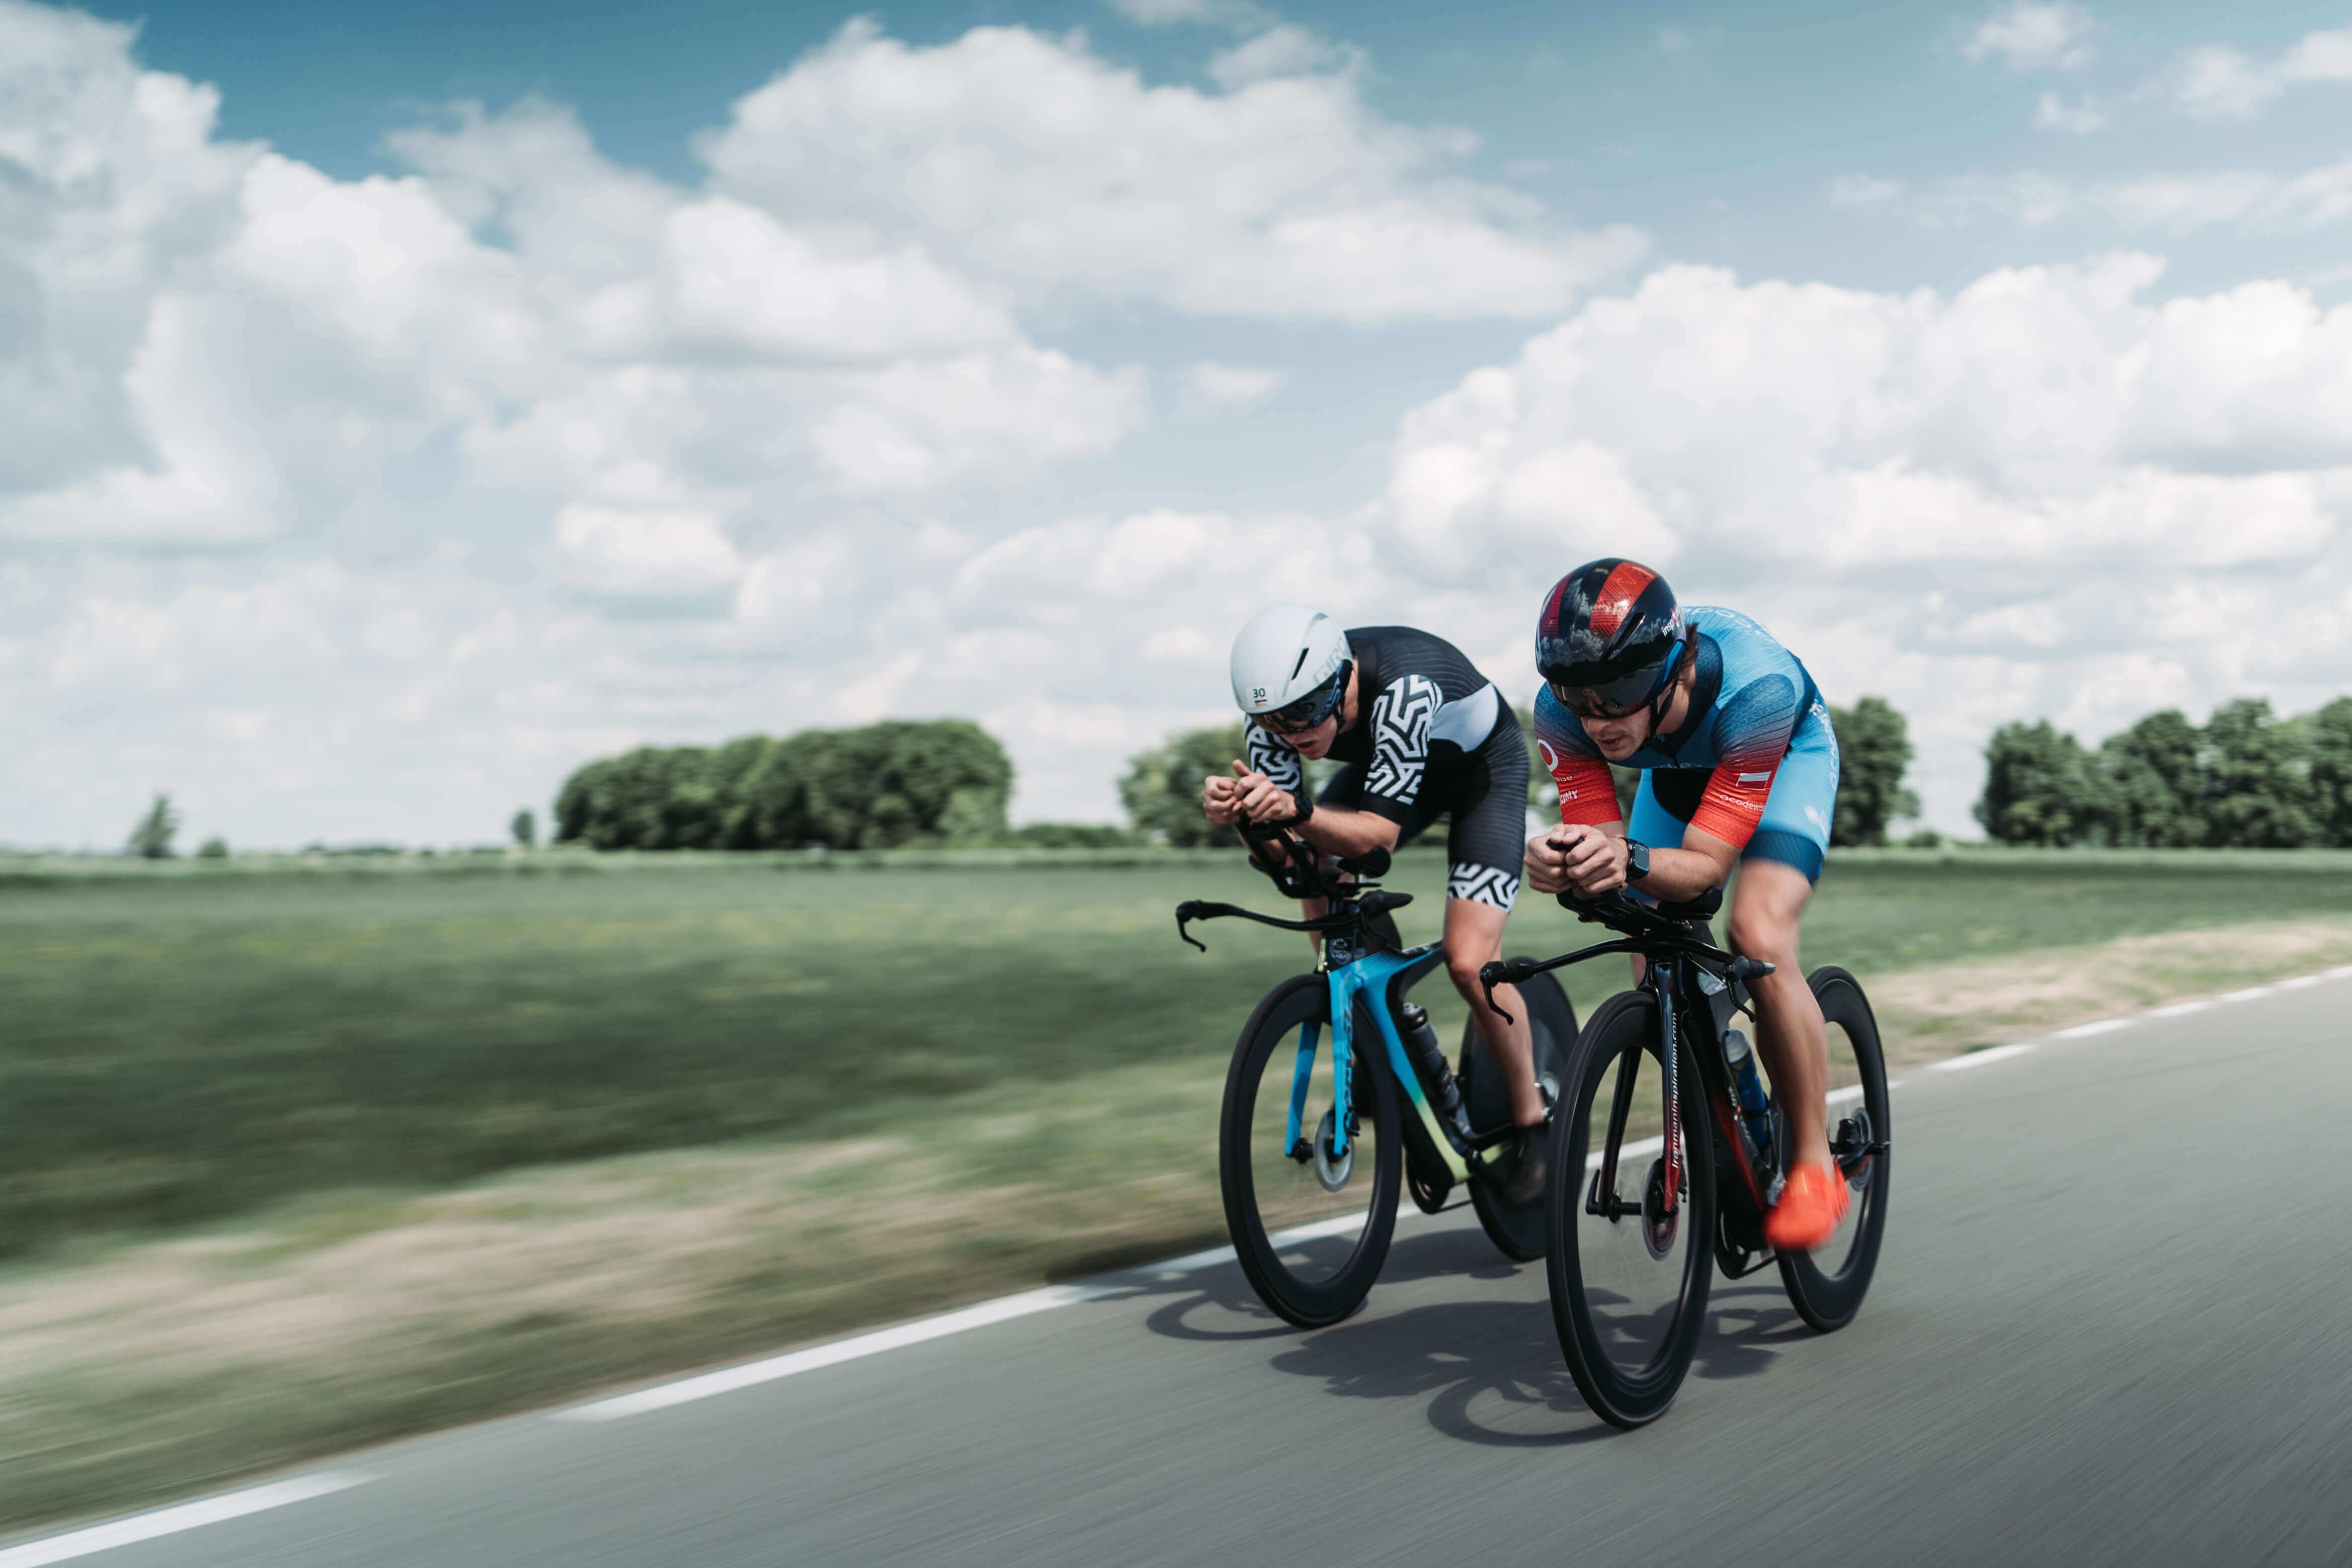 Guía del triatleta:  los consejos más importantes para la etapa del ciclismo